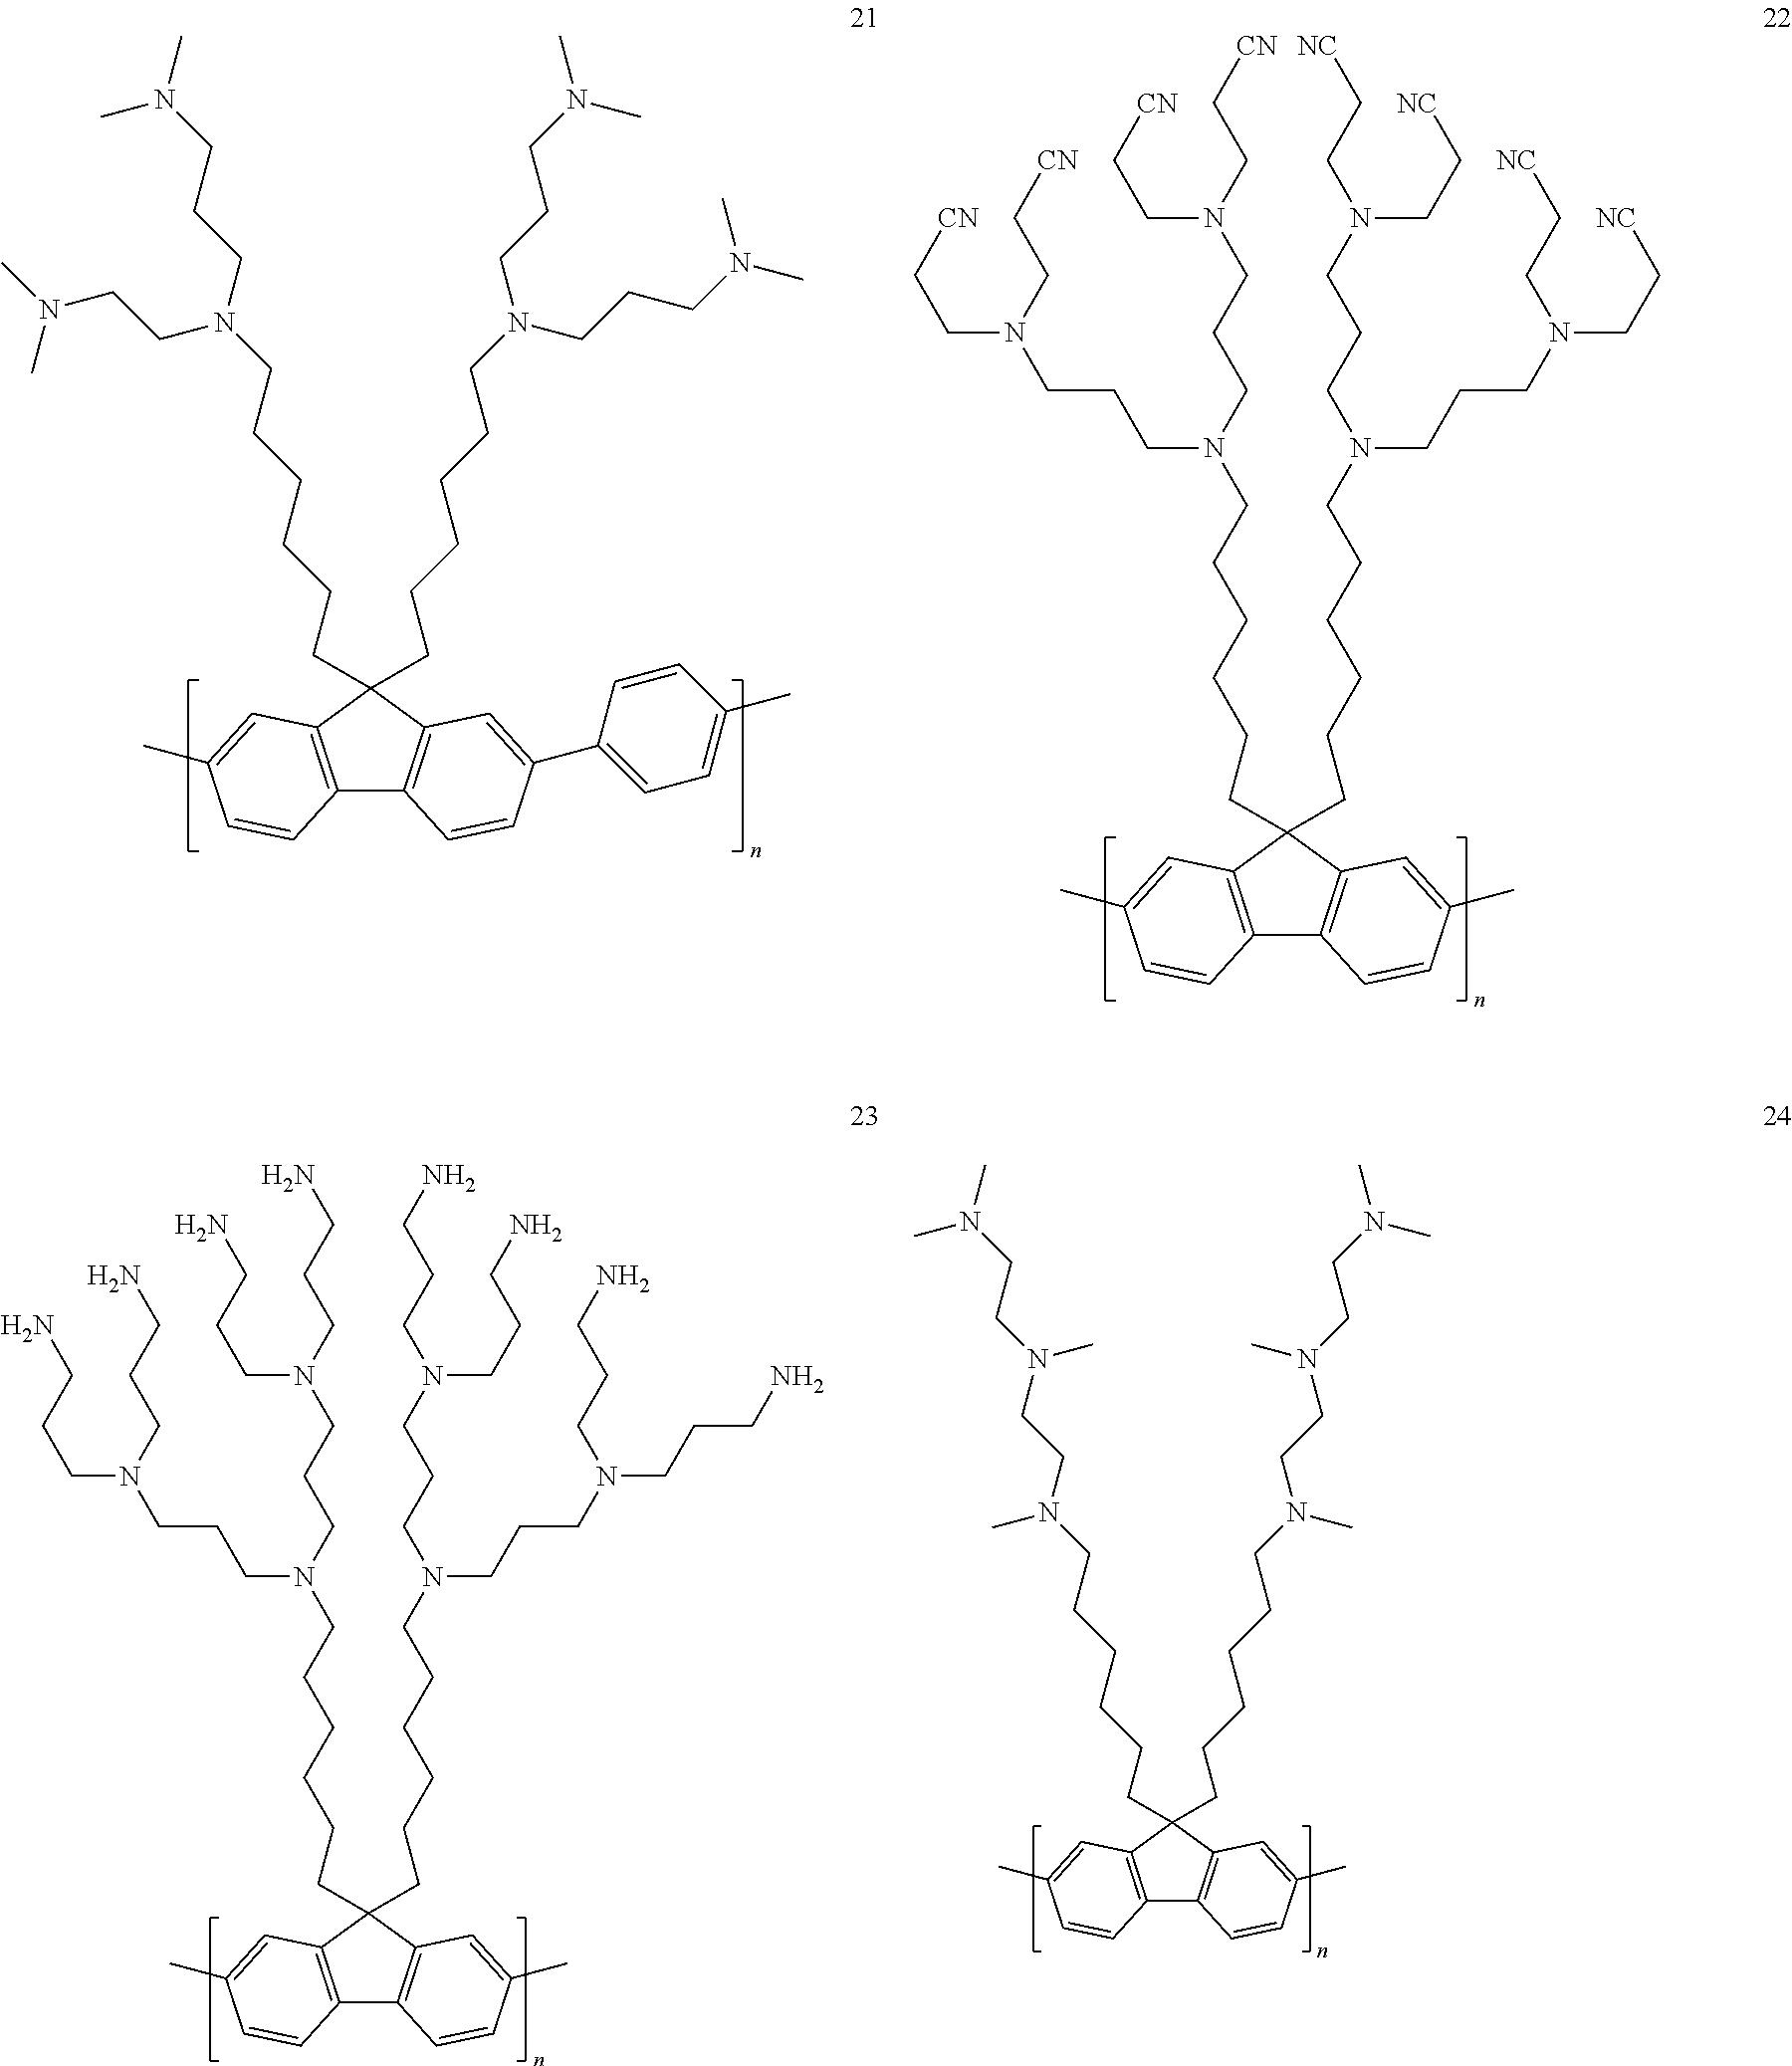 Figure US09935269-20180403-C00013